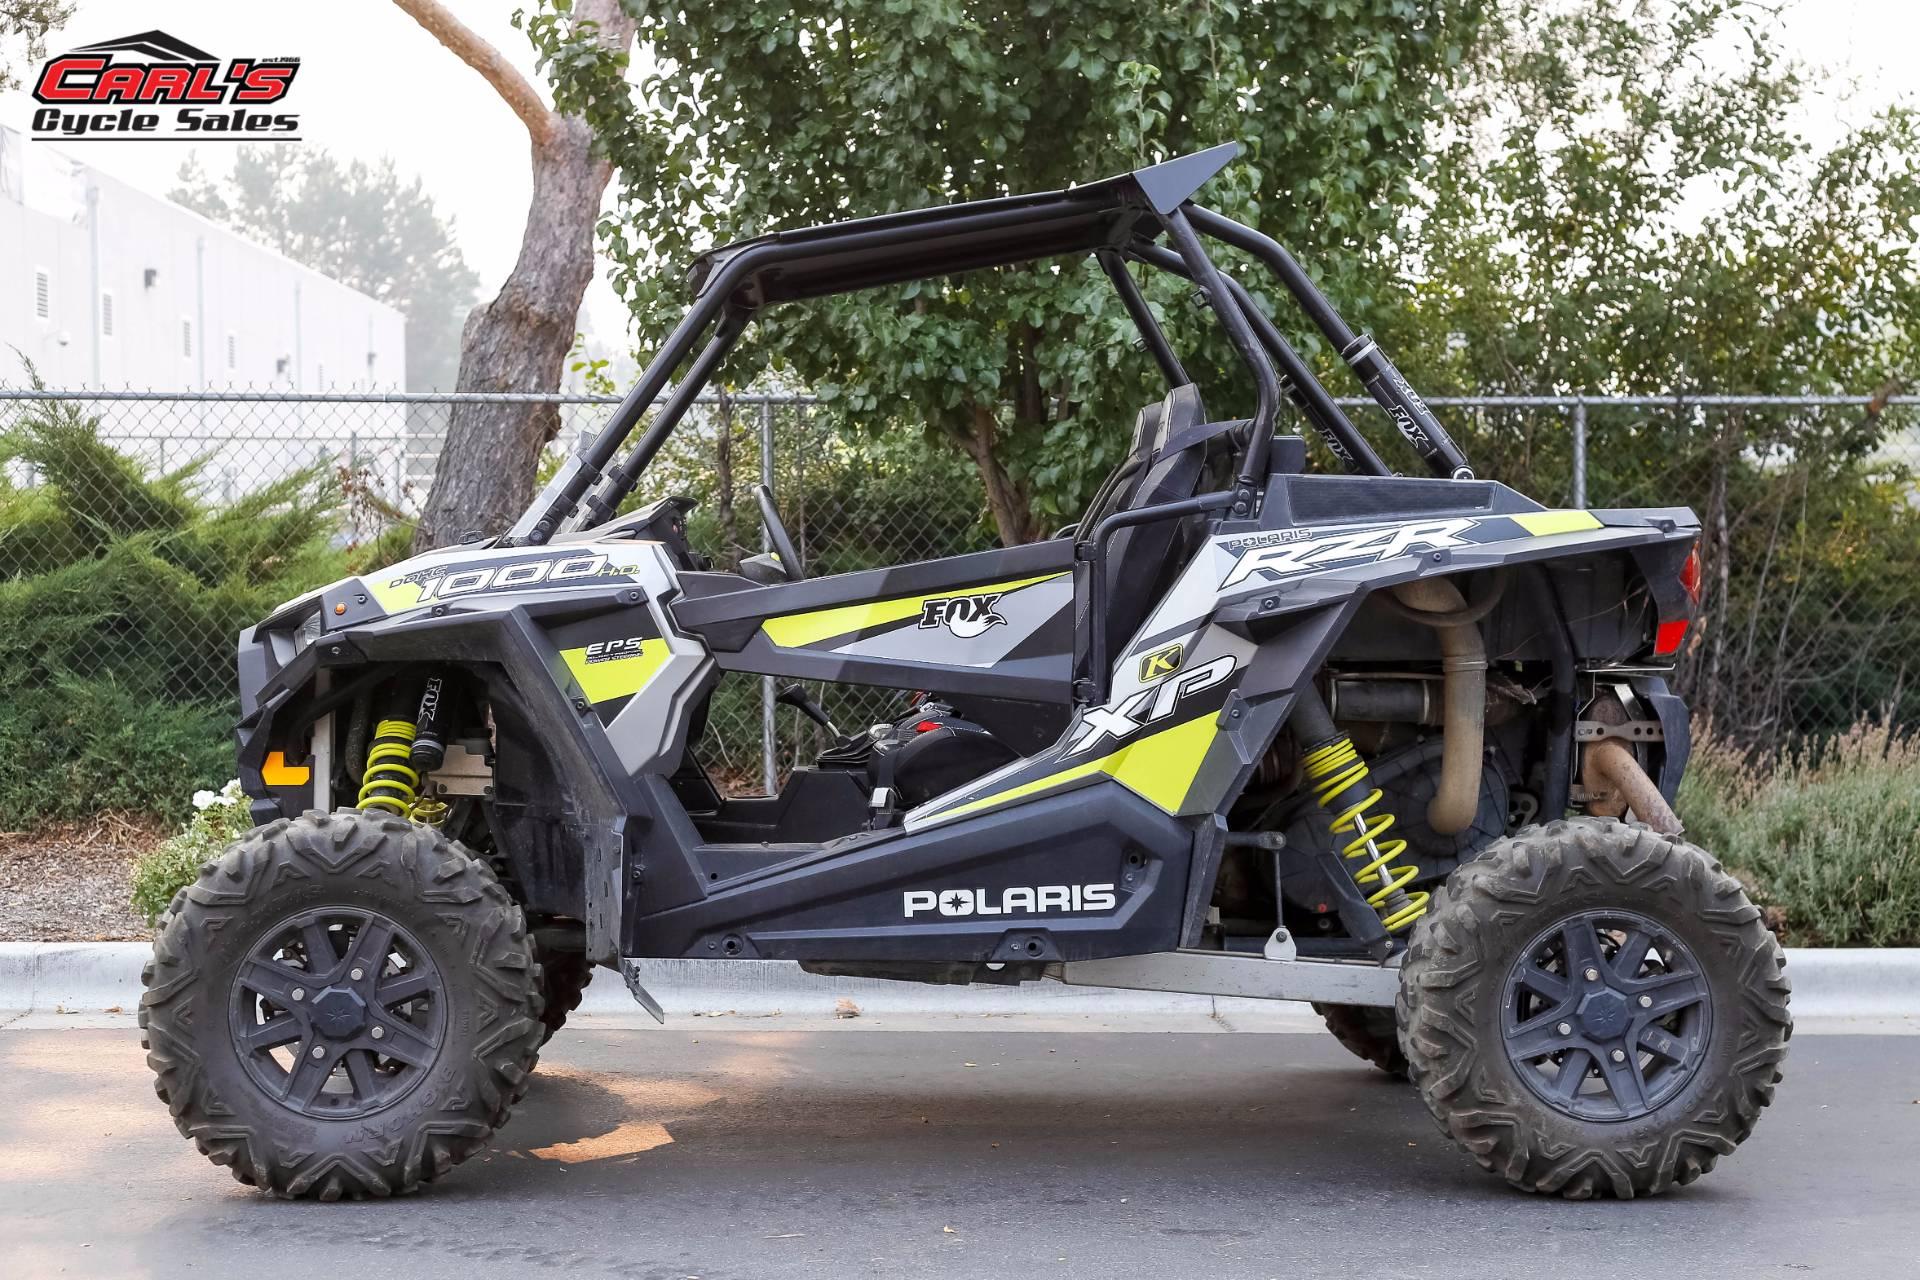 2015 Polaris RZR XP 1000 EPS 1